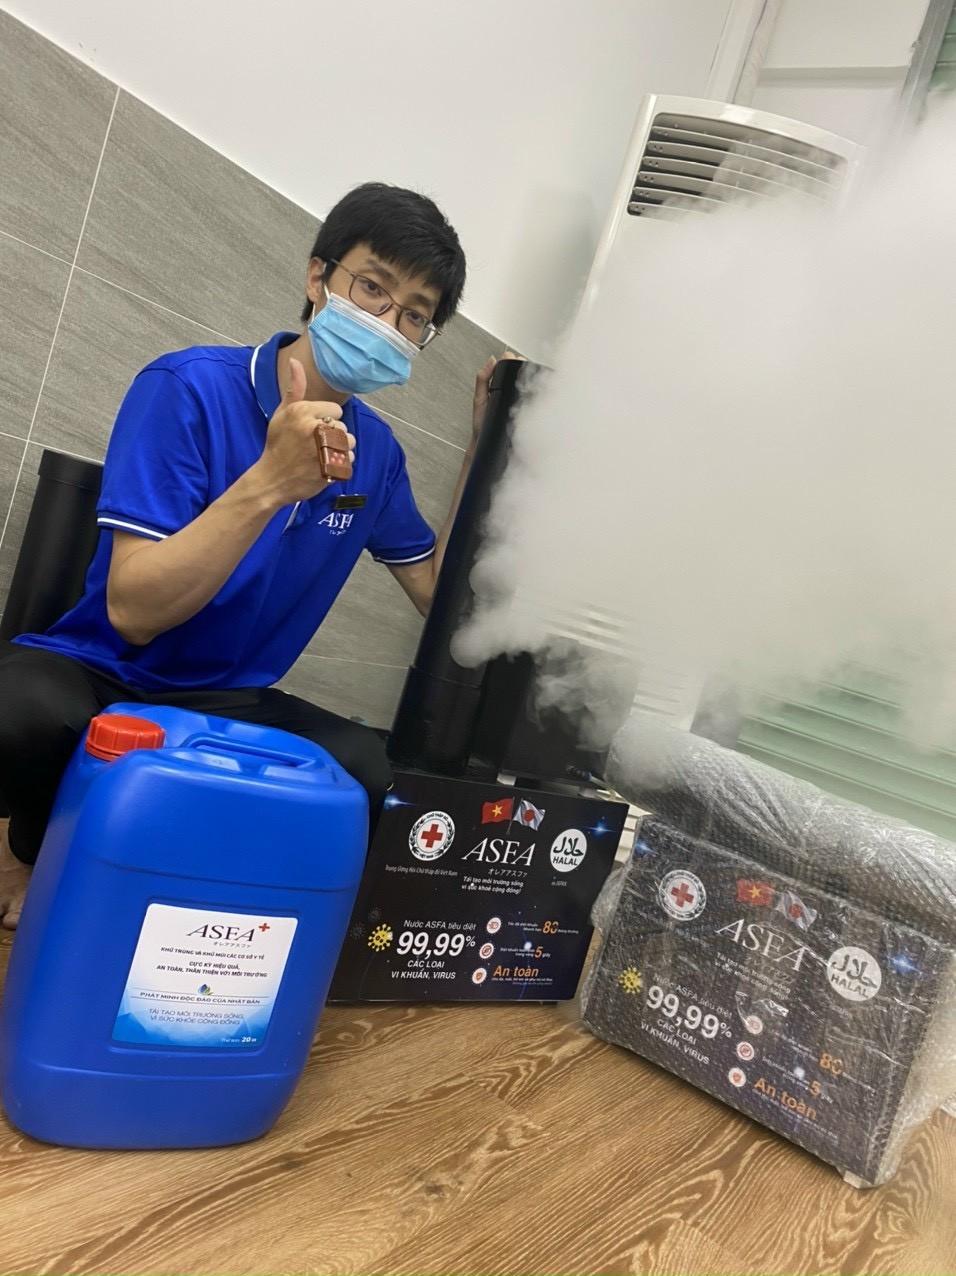 Máy khử khuẩn Asfa giải pháp an toàn khử mùi diệt khuẩn hiệu quả